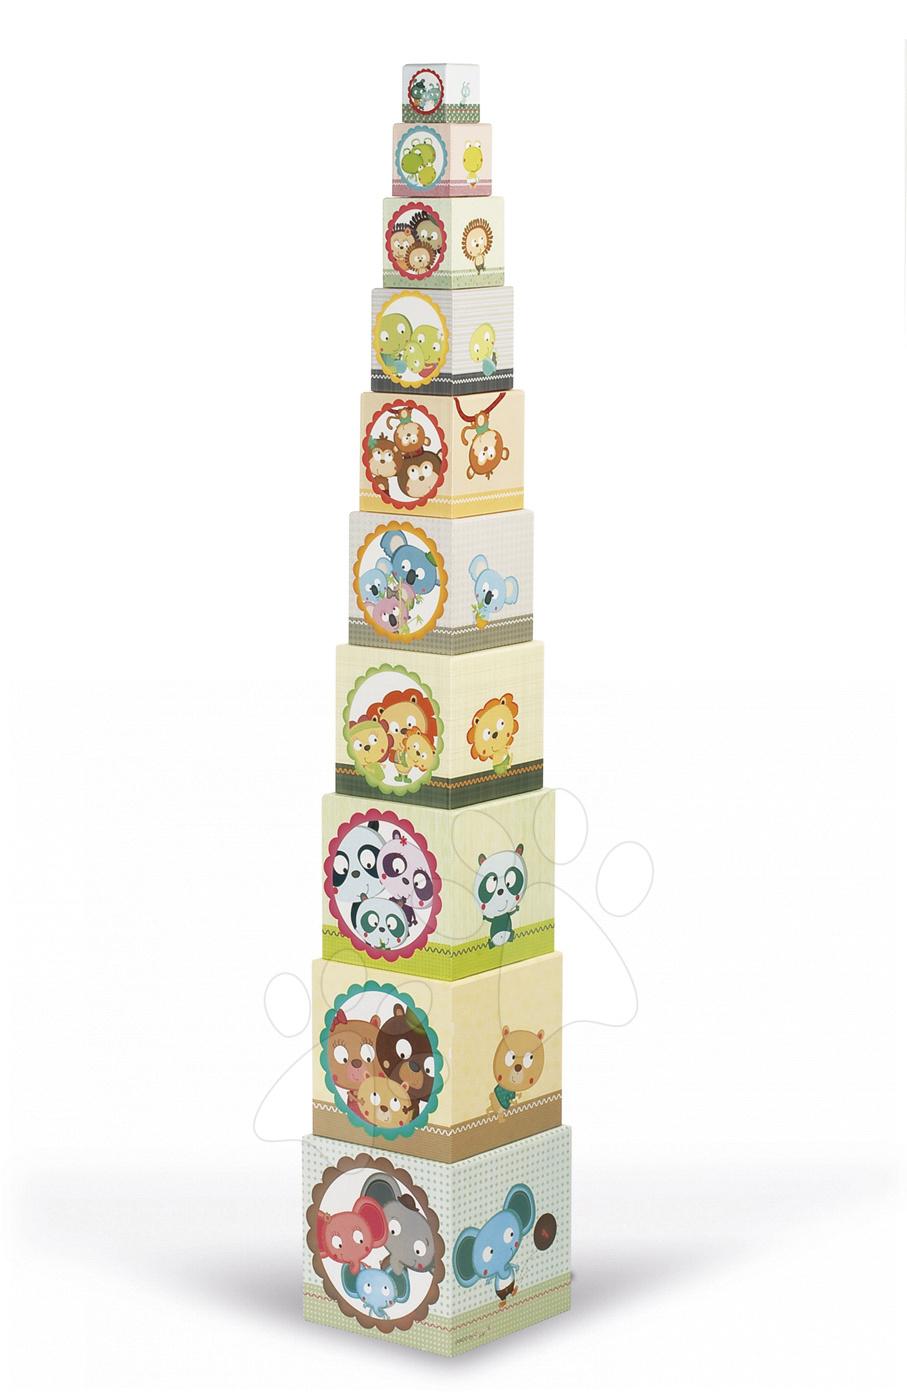 Vývoj motoriky - Skladacia pyramída Rodinka zvierat Janod štvorcová 10 dielov od 12 mes